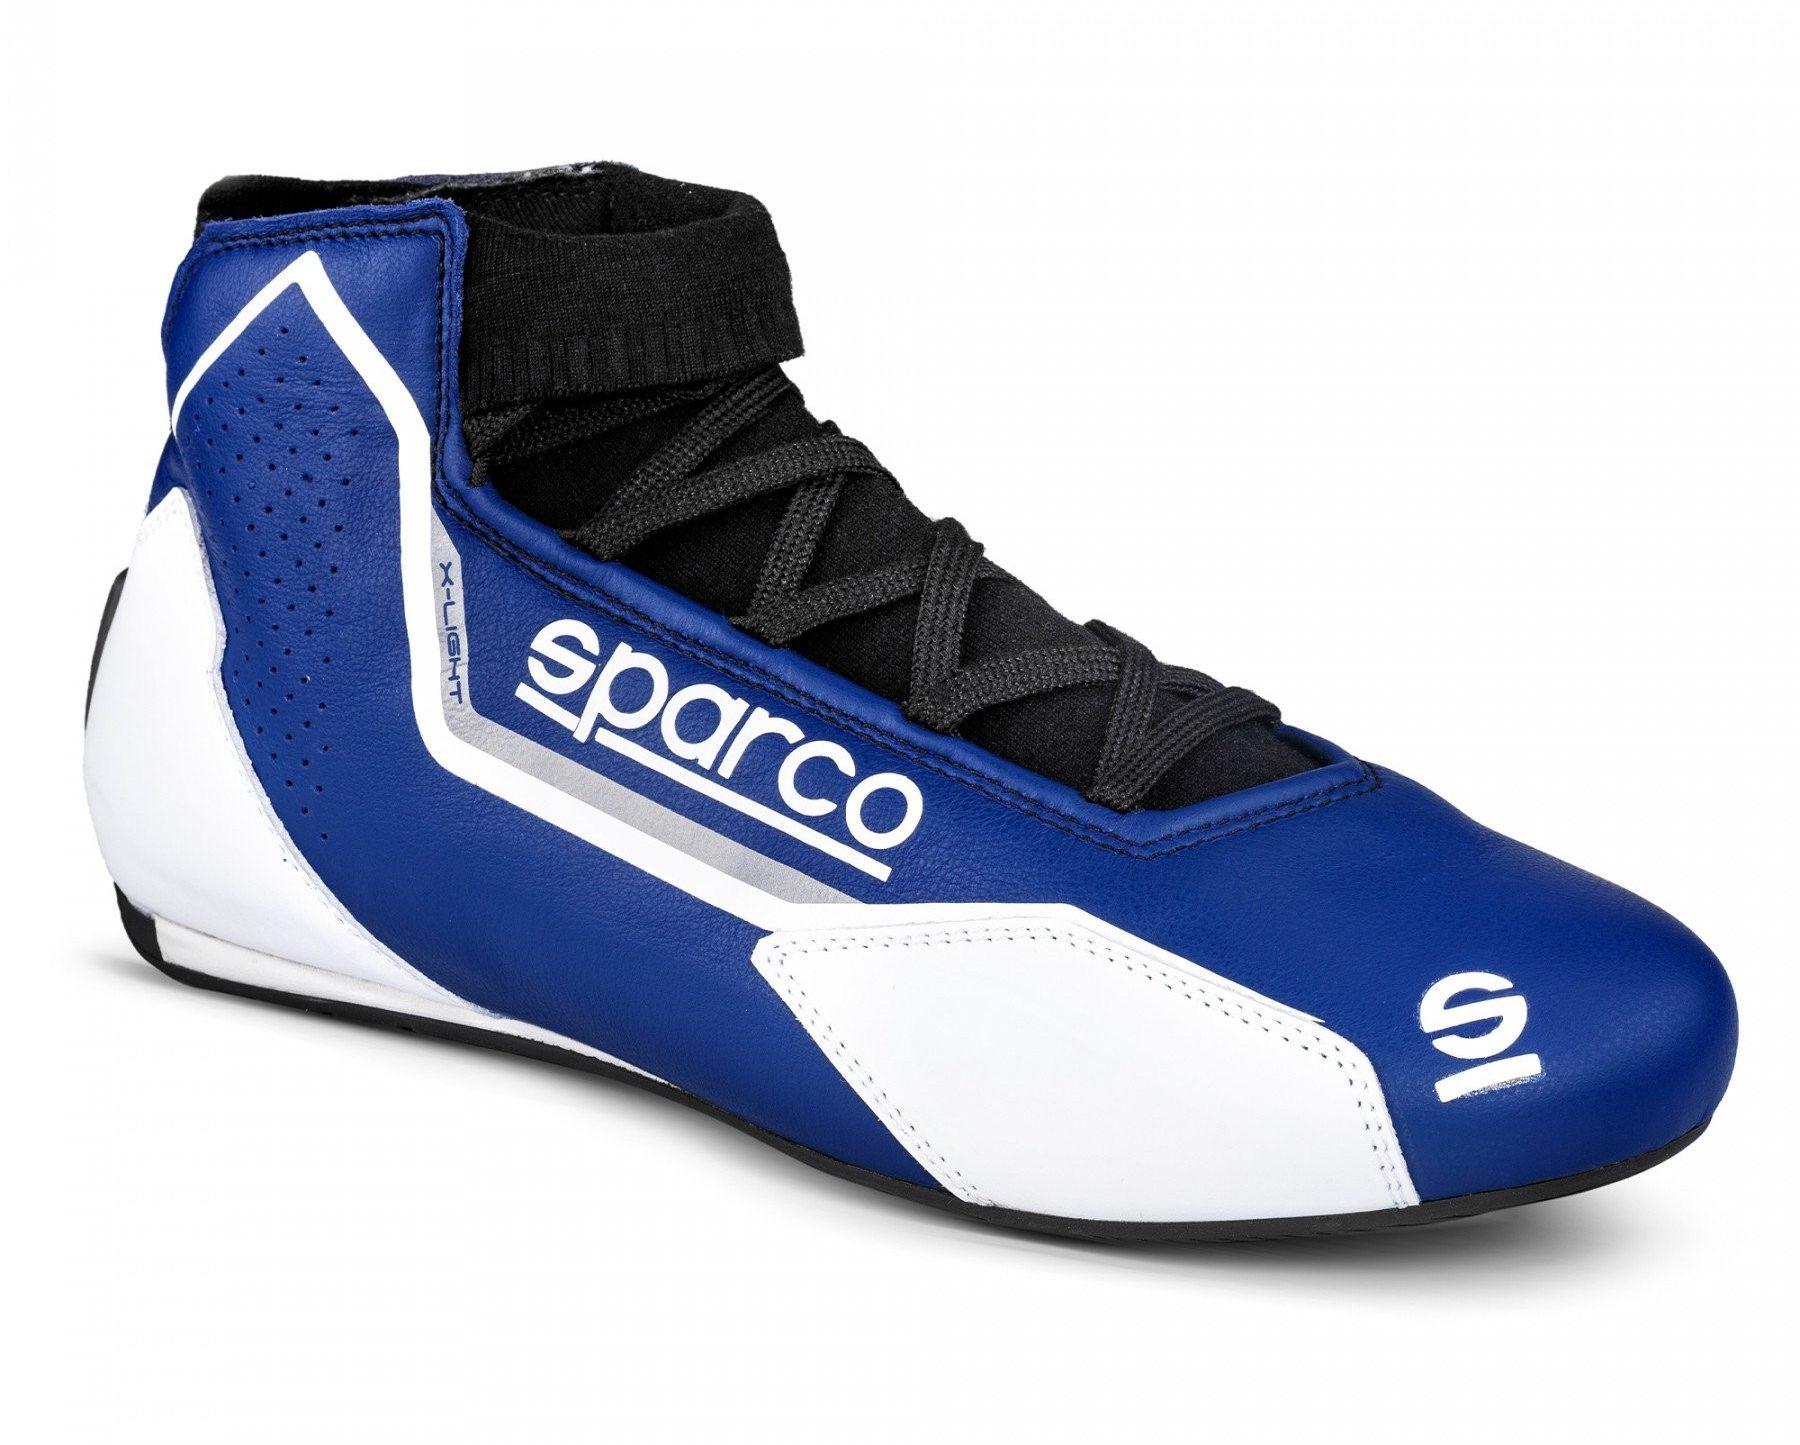 Нов продукт: Sparco X-Light Kid, FIA Shoes